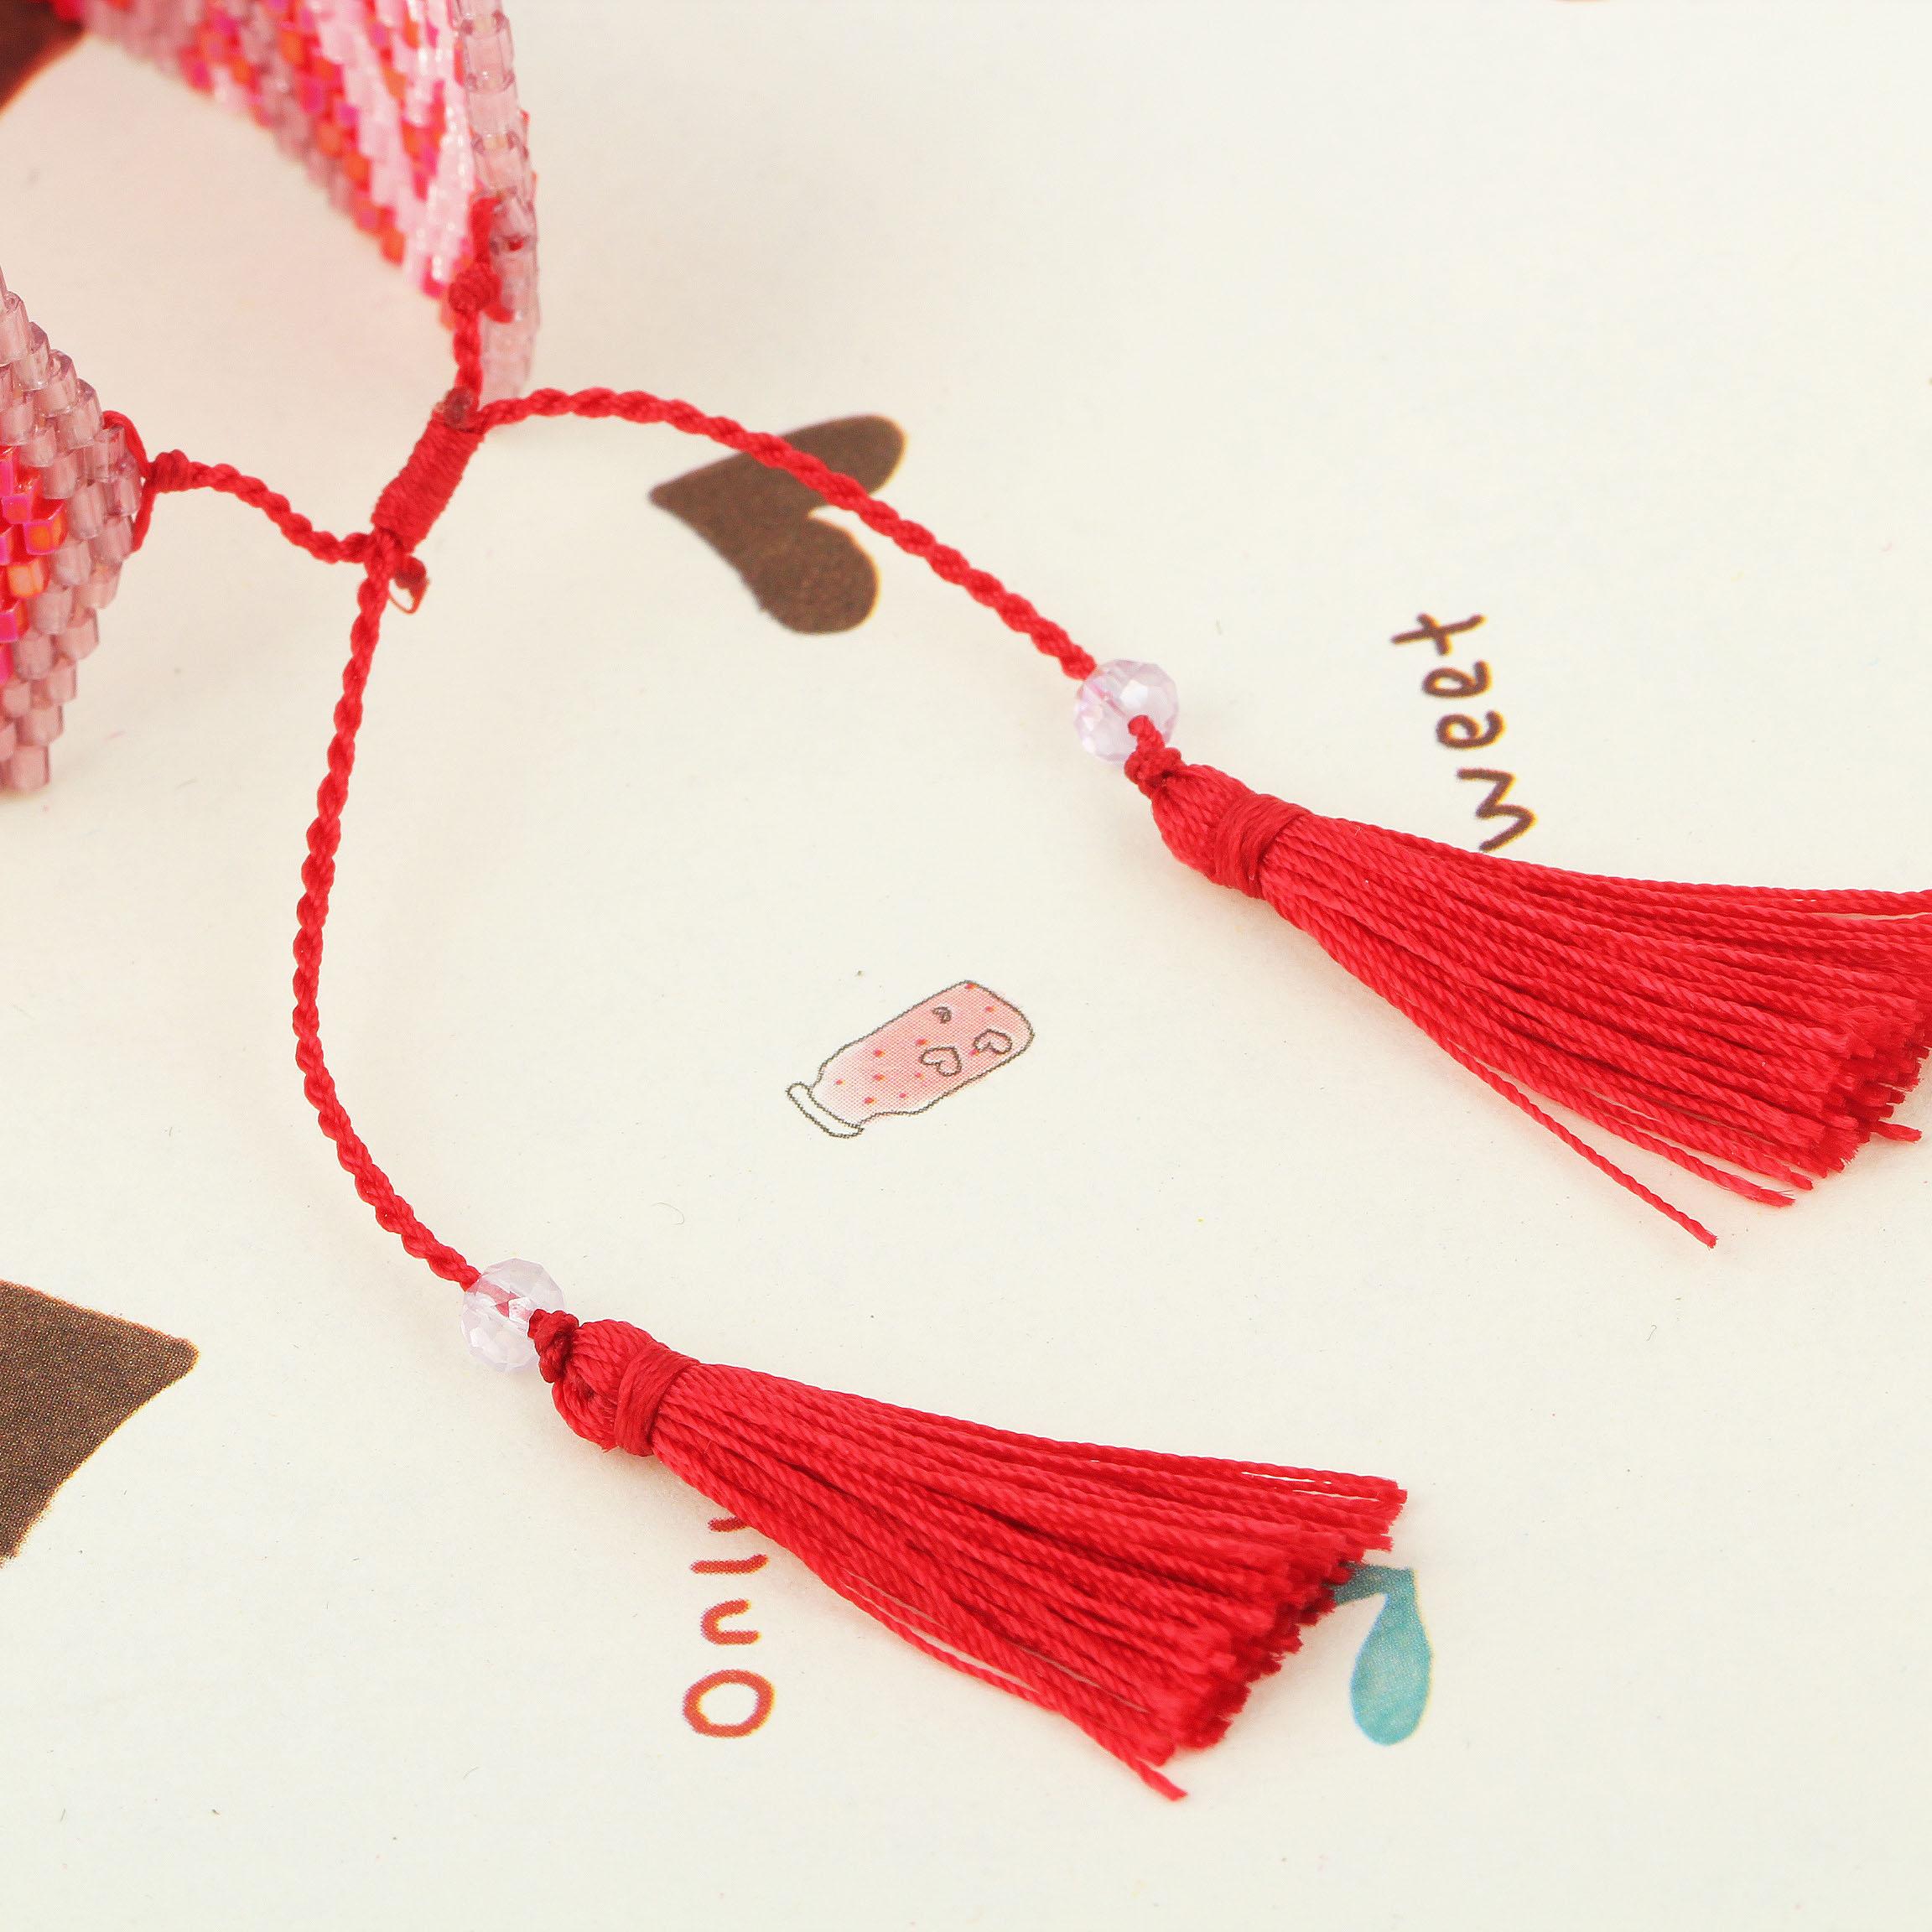 смешанные цвета бисером браслет браслет к 2015 году новая мода браслет любителей браслеты дамы браслеты